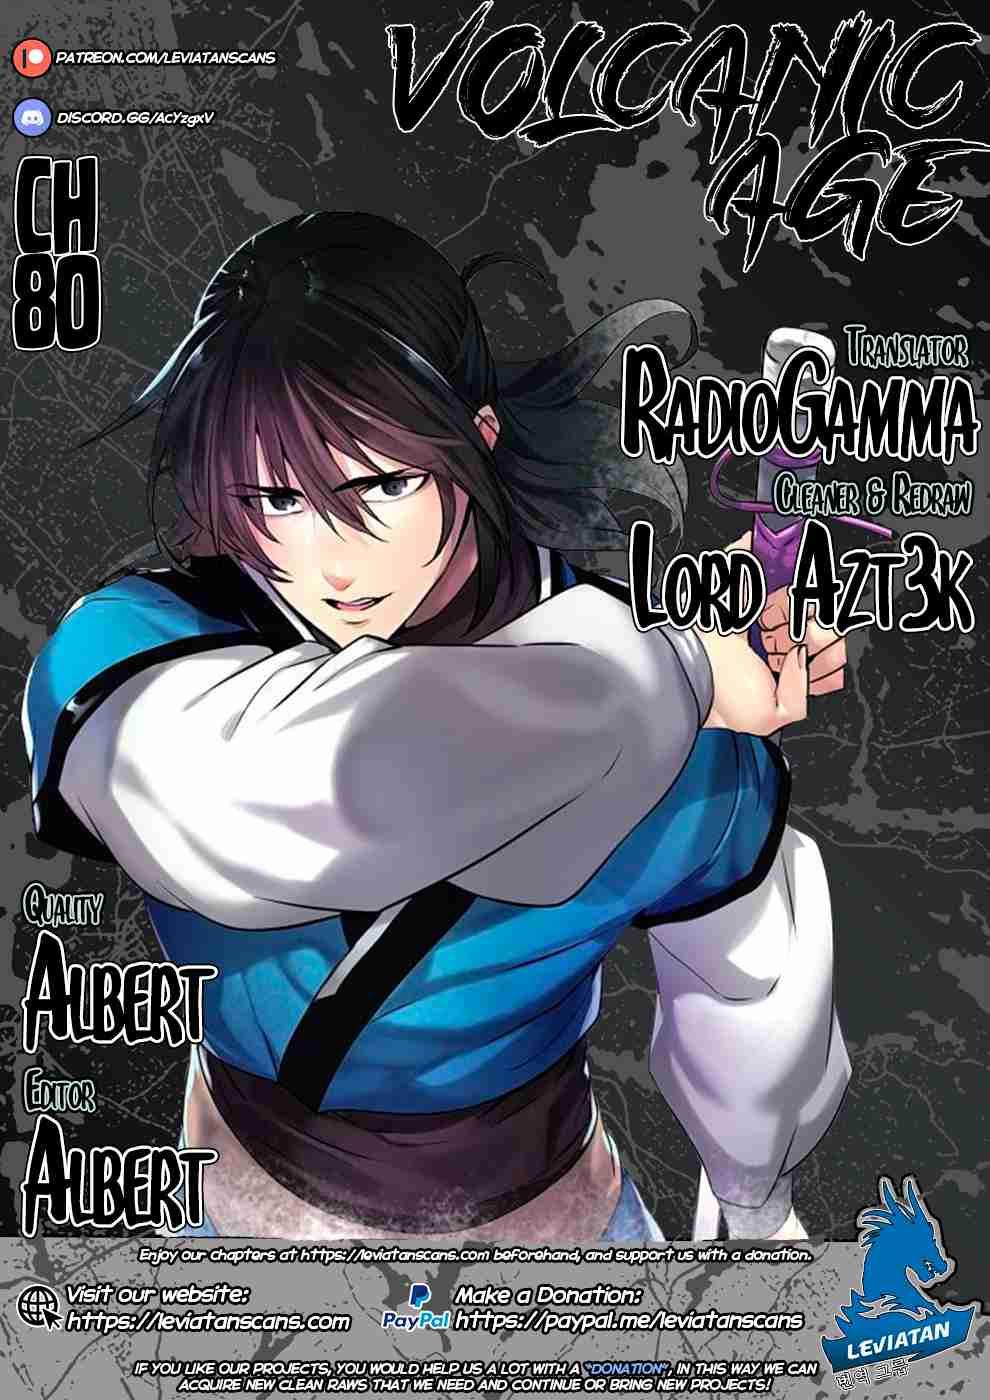 https://manga.mangadogs.com/comics/pic2/2/20226/808197/853bb47a93581ead37b1bcd749d34787.jpg Page 1